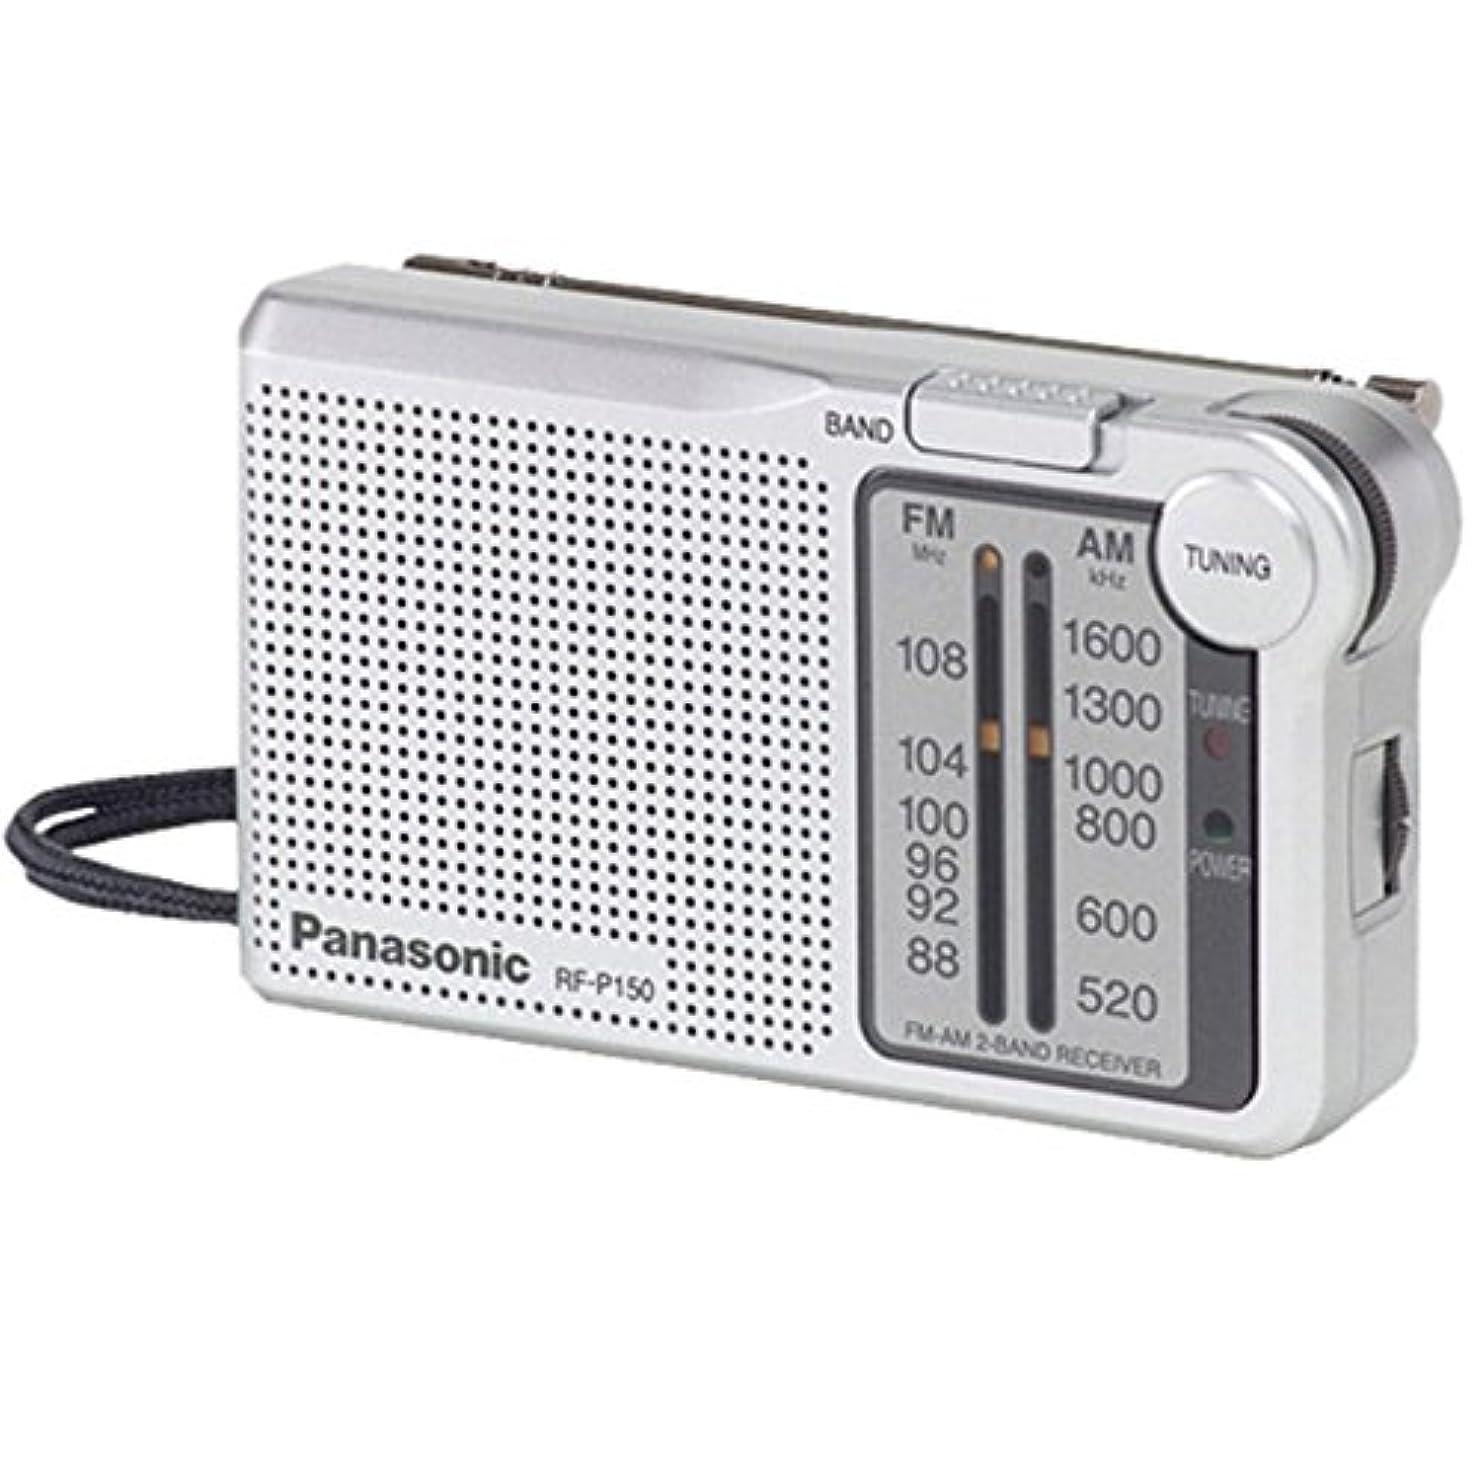 正しくグリップ修理工Panasonic RF-P150 FM / AMポケットラジオ RFP150 [並行輸入品]